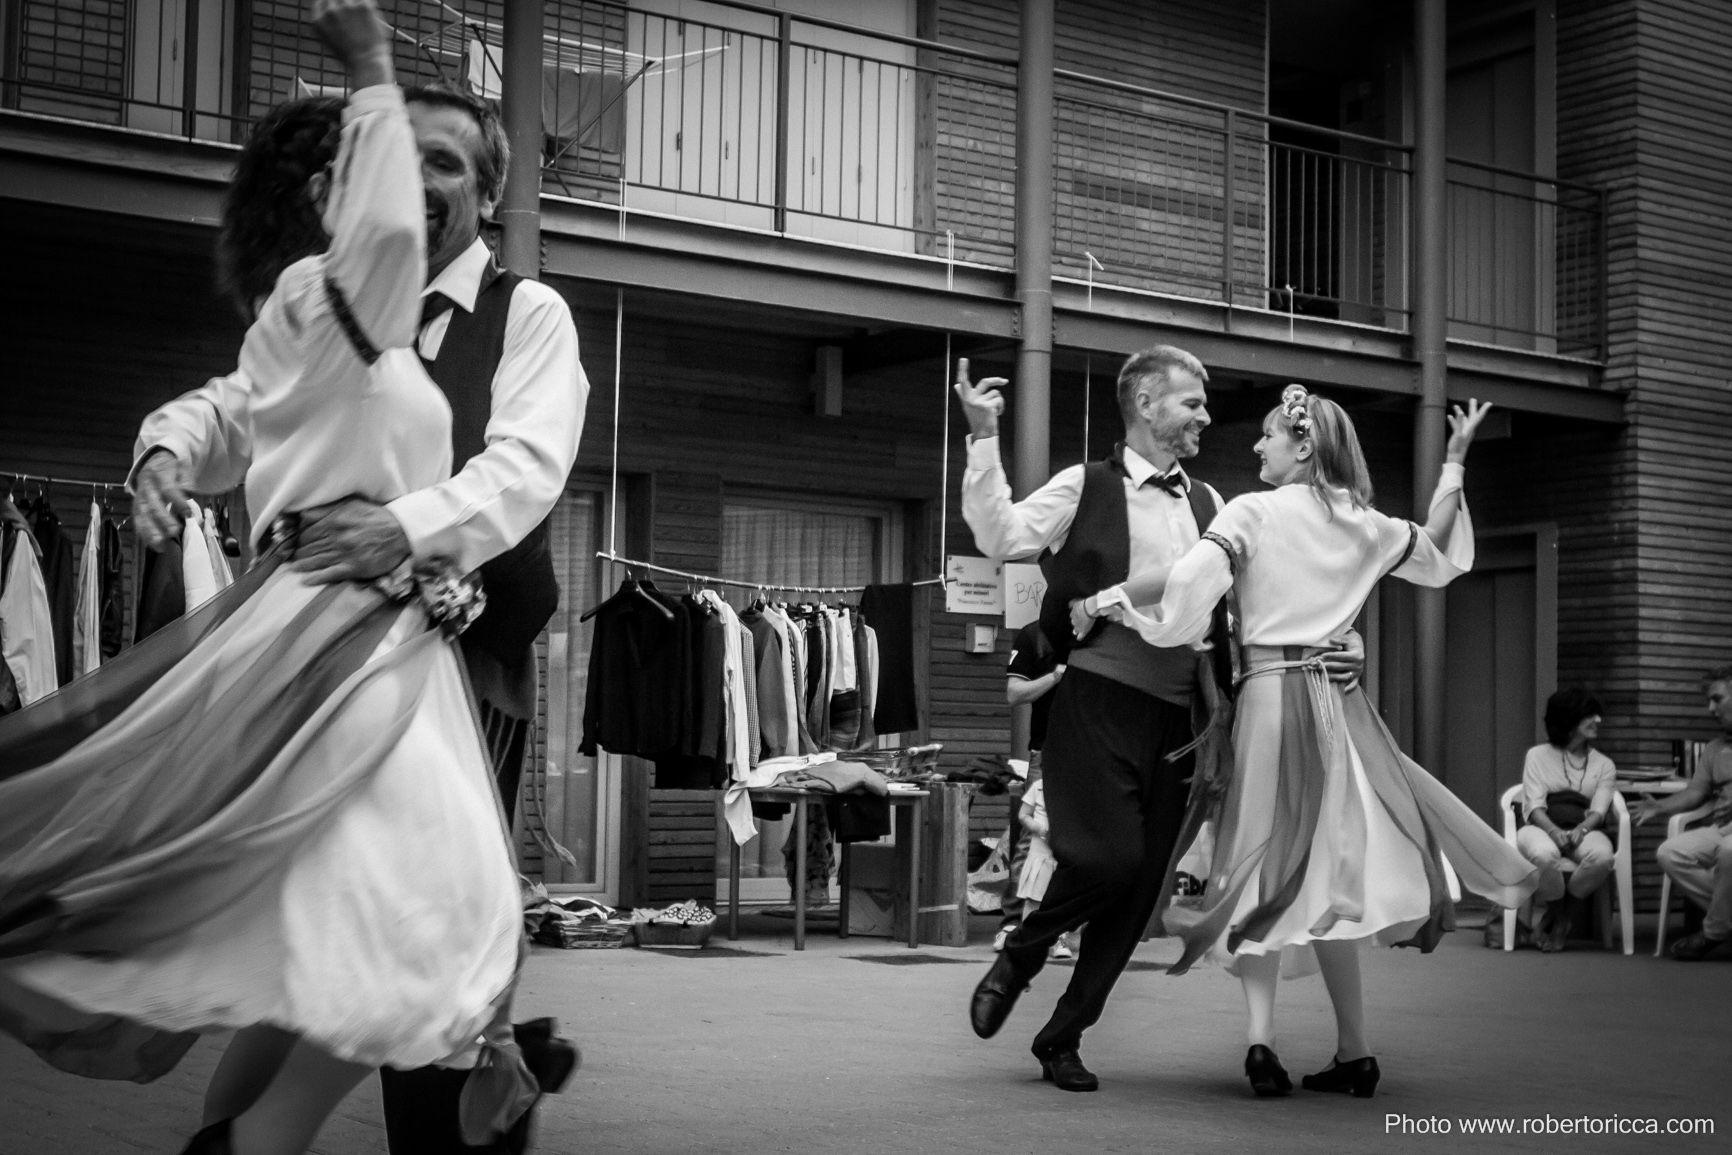 Il Salterio Danze Popolari Brescia